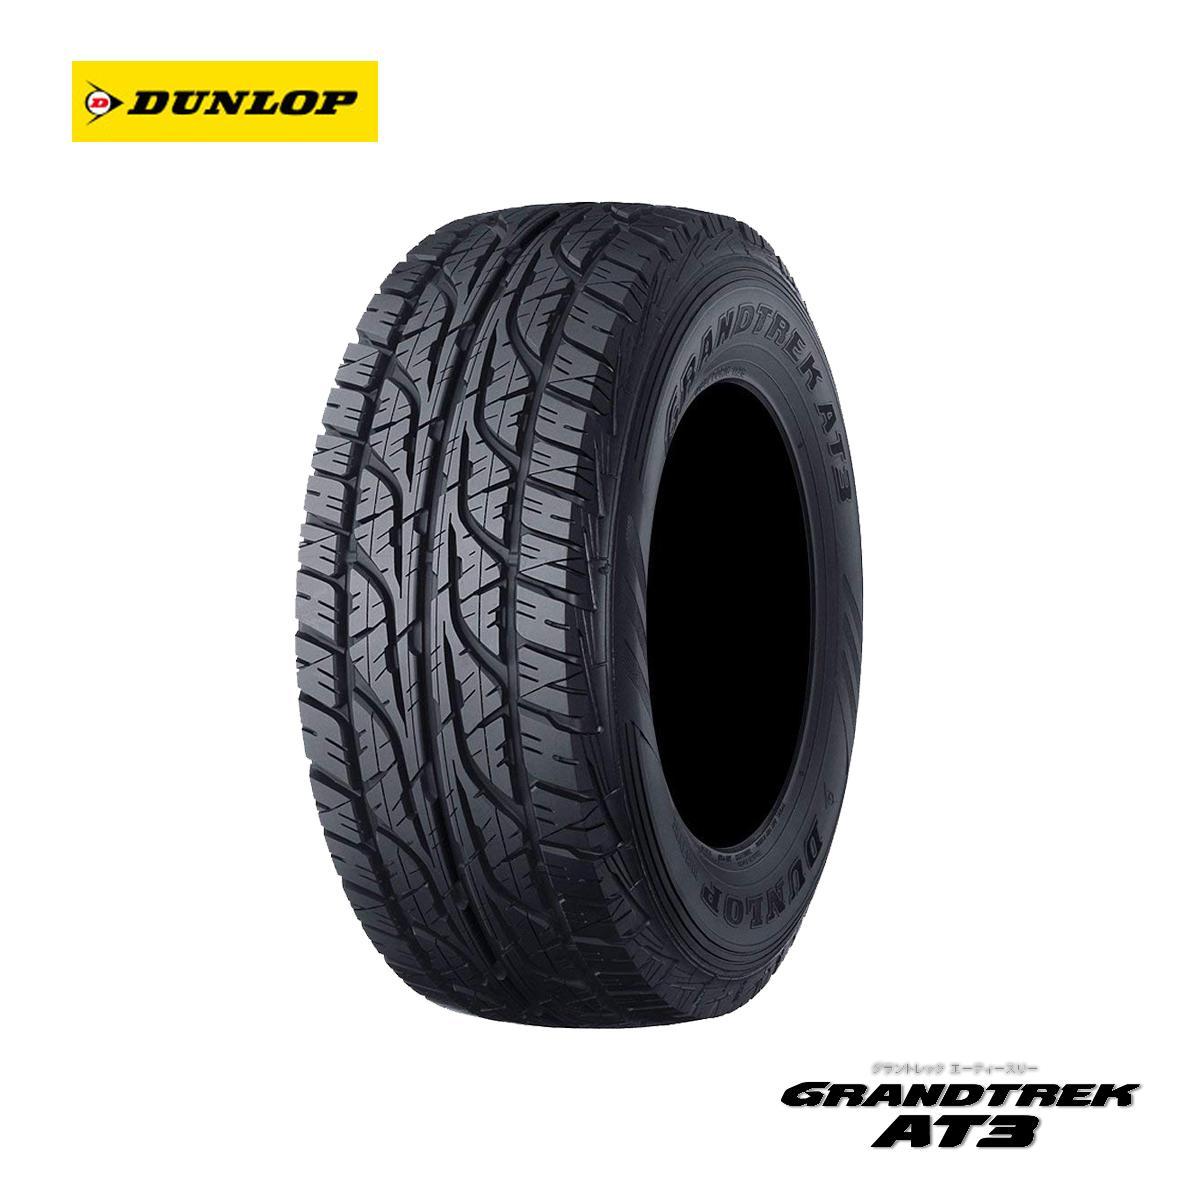 DUNLOP ダンロップ 4X4 4WD SUV オールテレン M+S タイヤ 1本 16インチ 255/65R16 GRANDTREK AT3 グラントレック レイズドブラックレター